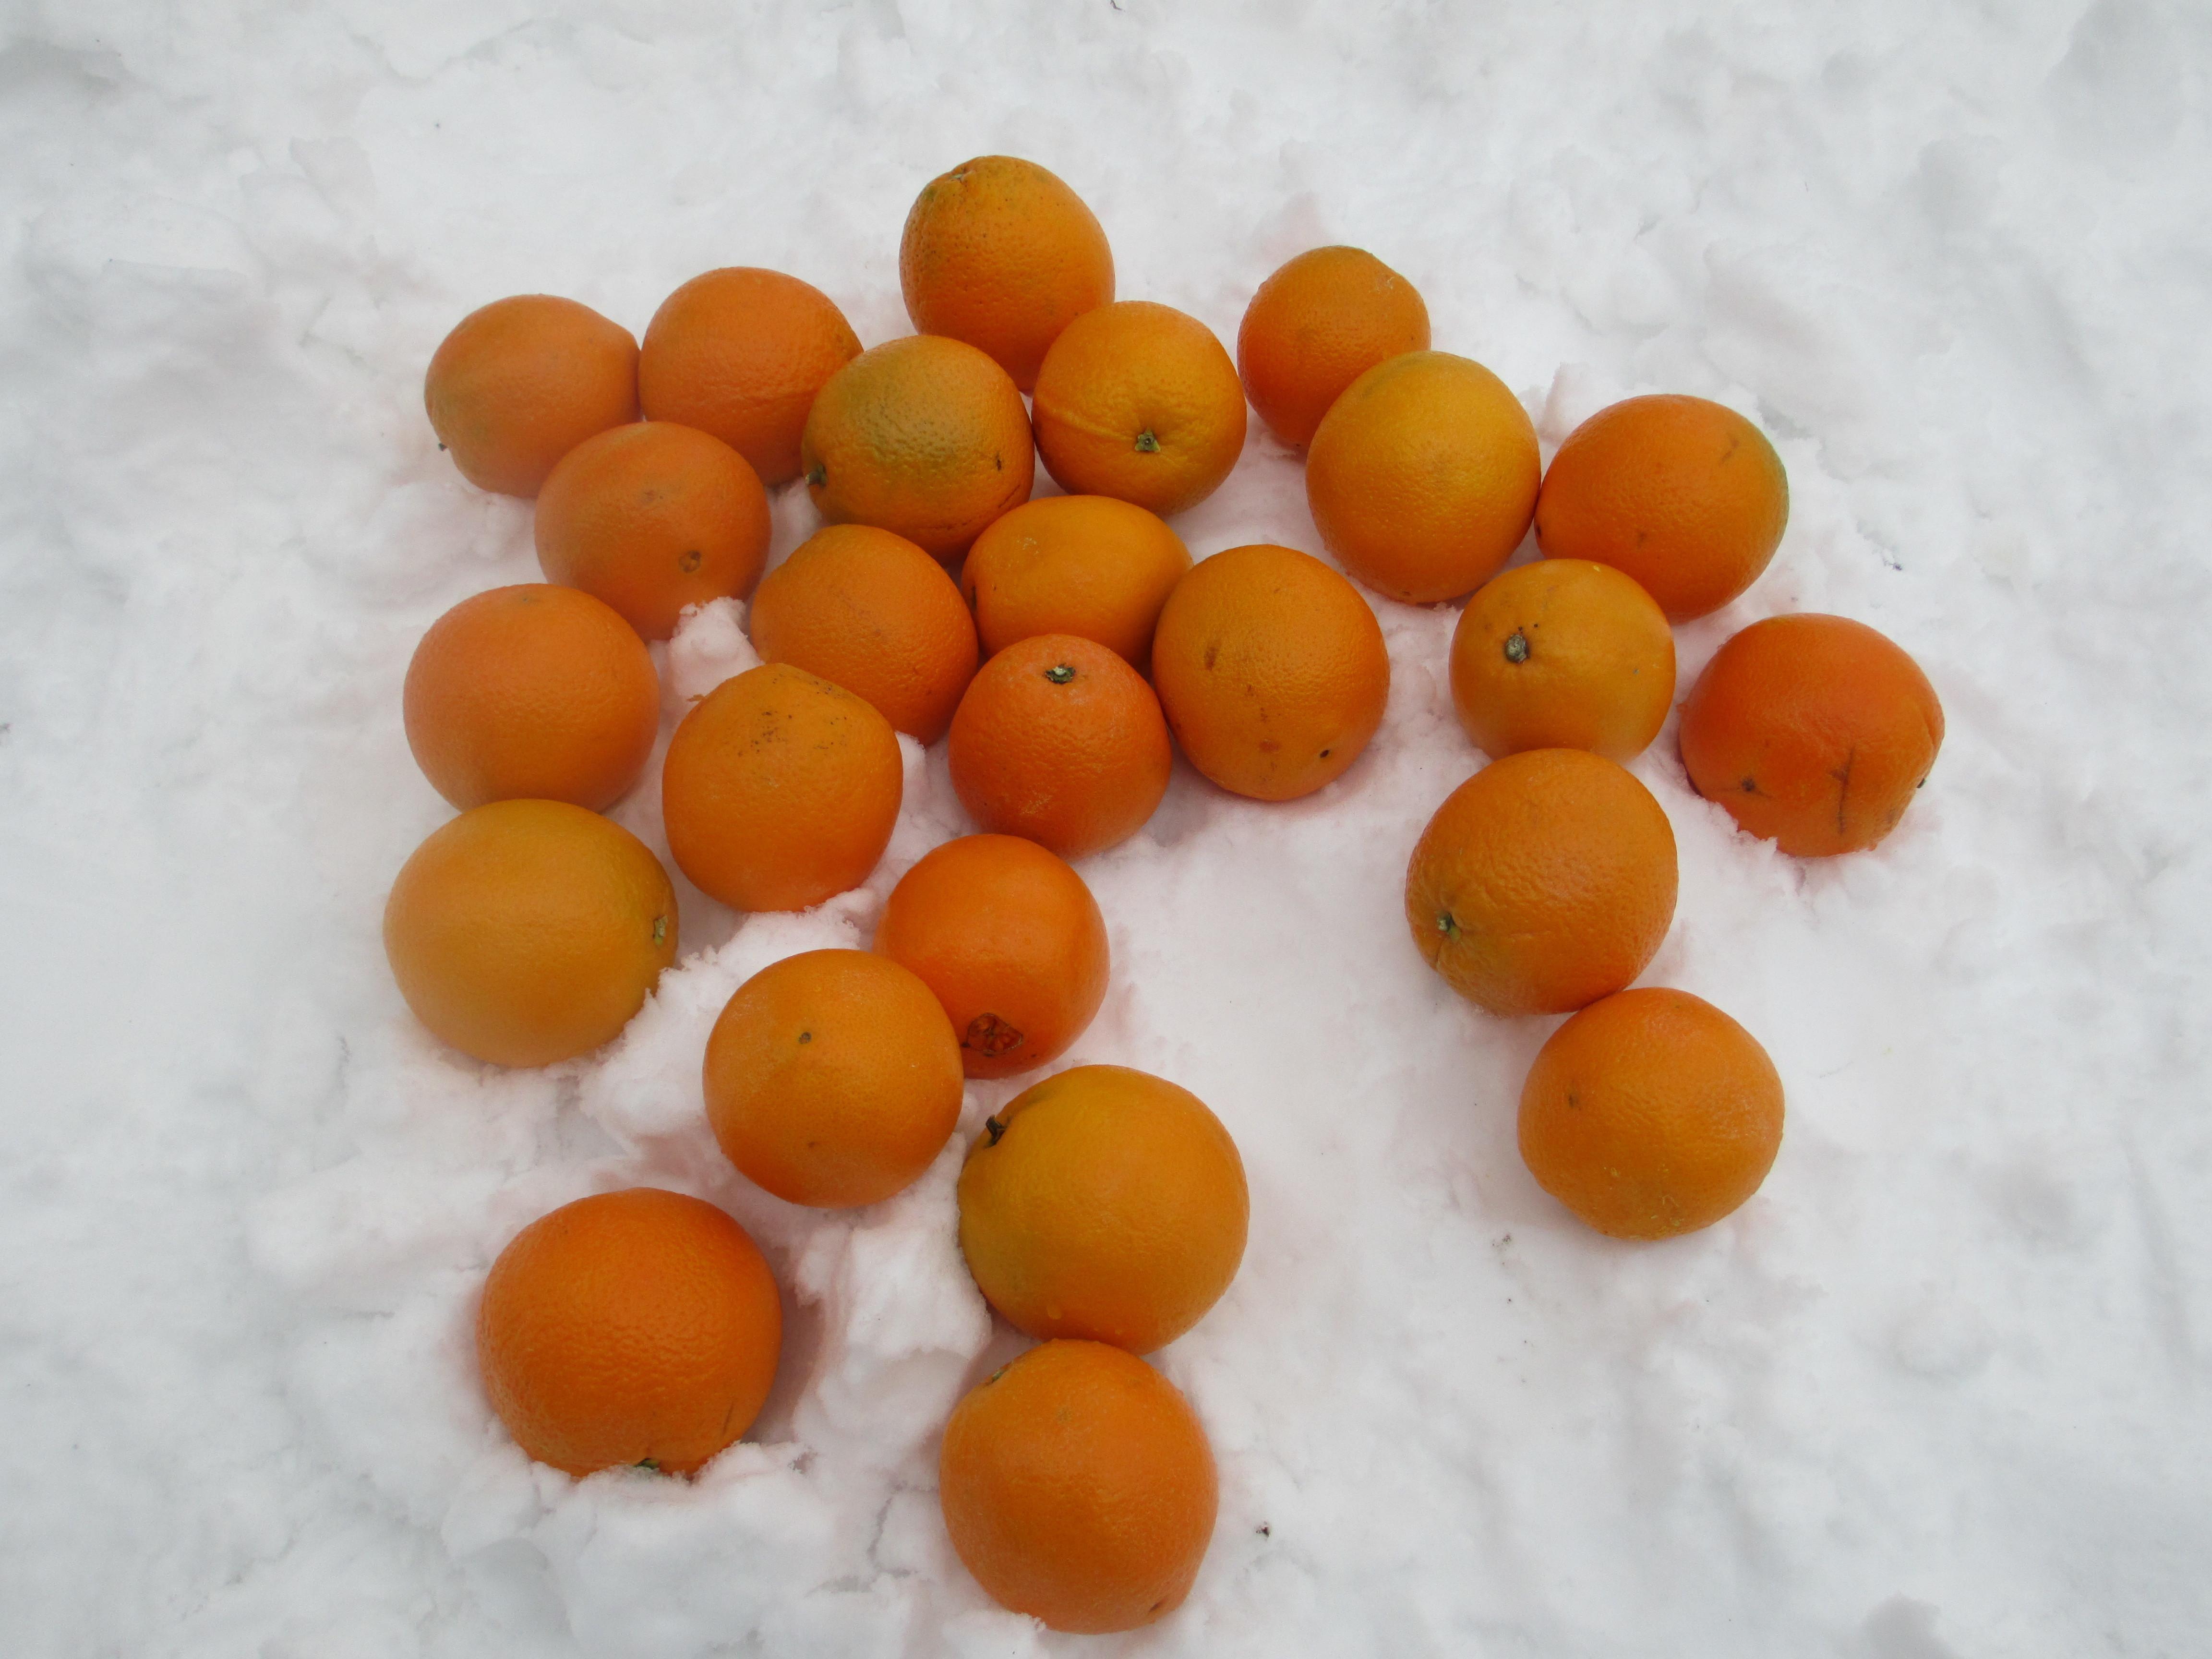 понимать, картинки апельсины на снегу желание ланового